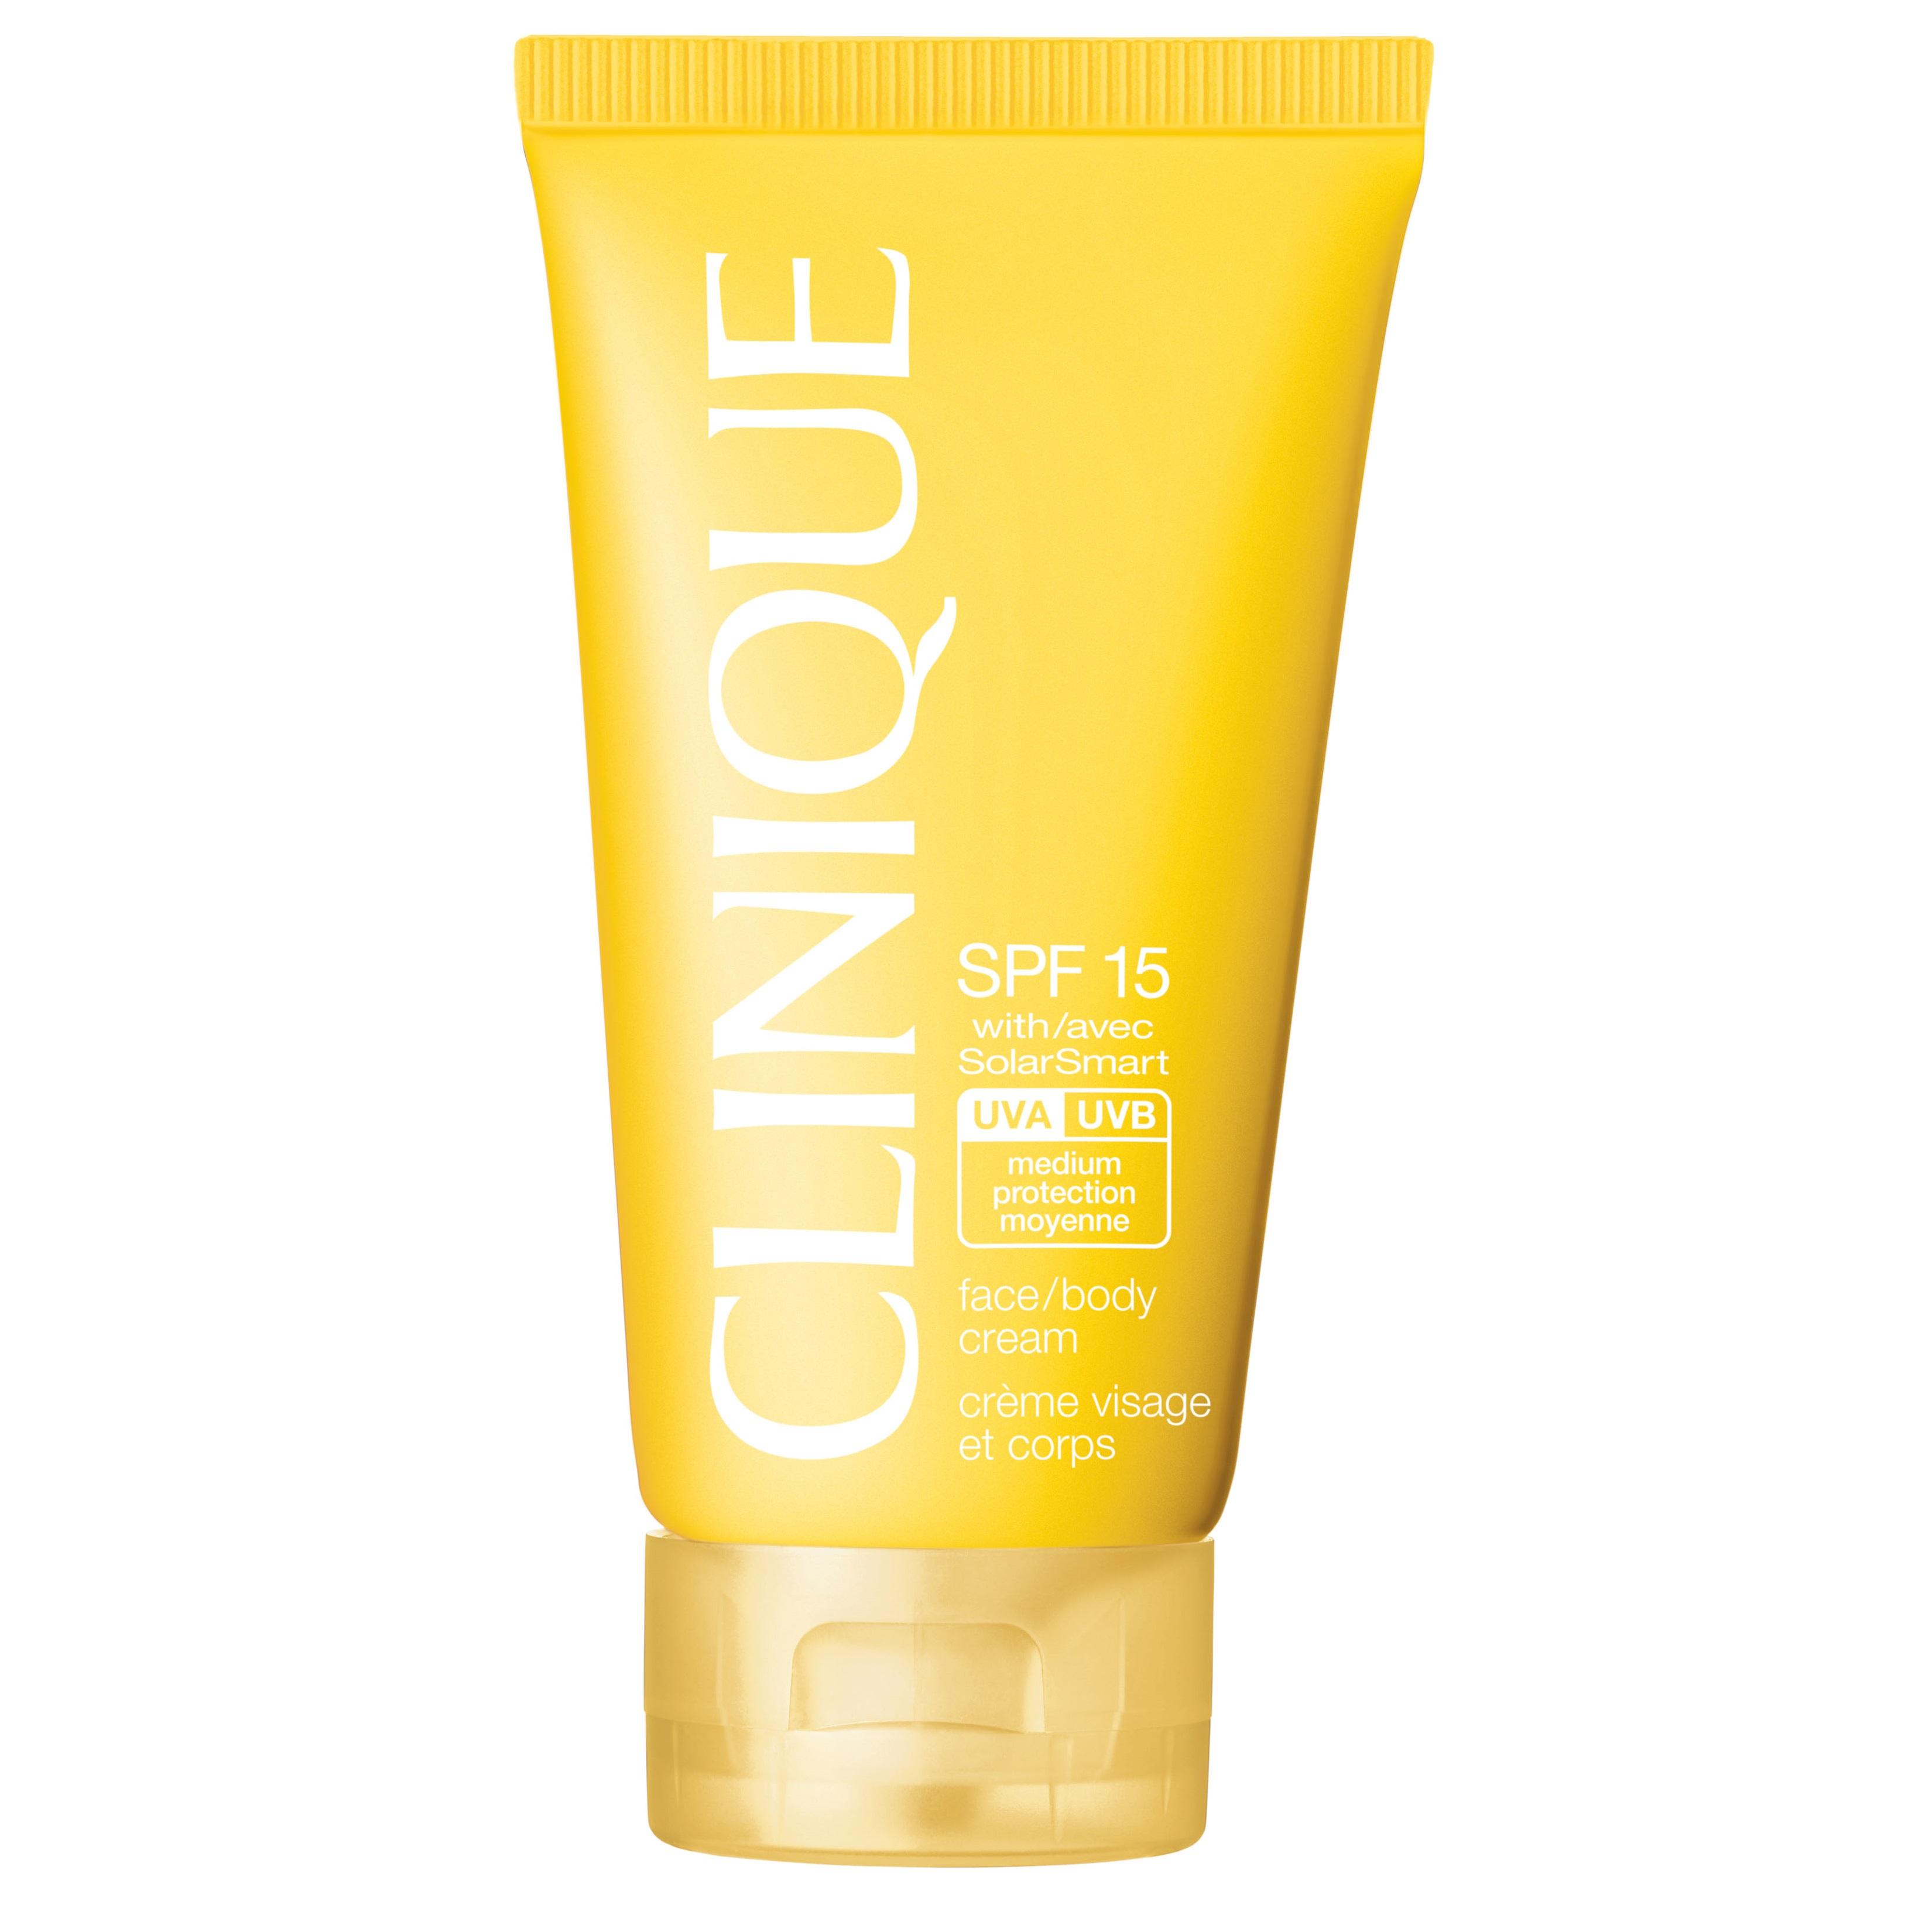 Clinique - Sun Broad Spectrum Sunscreen Body Cream 150 ml - SPF 15